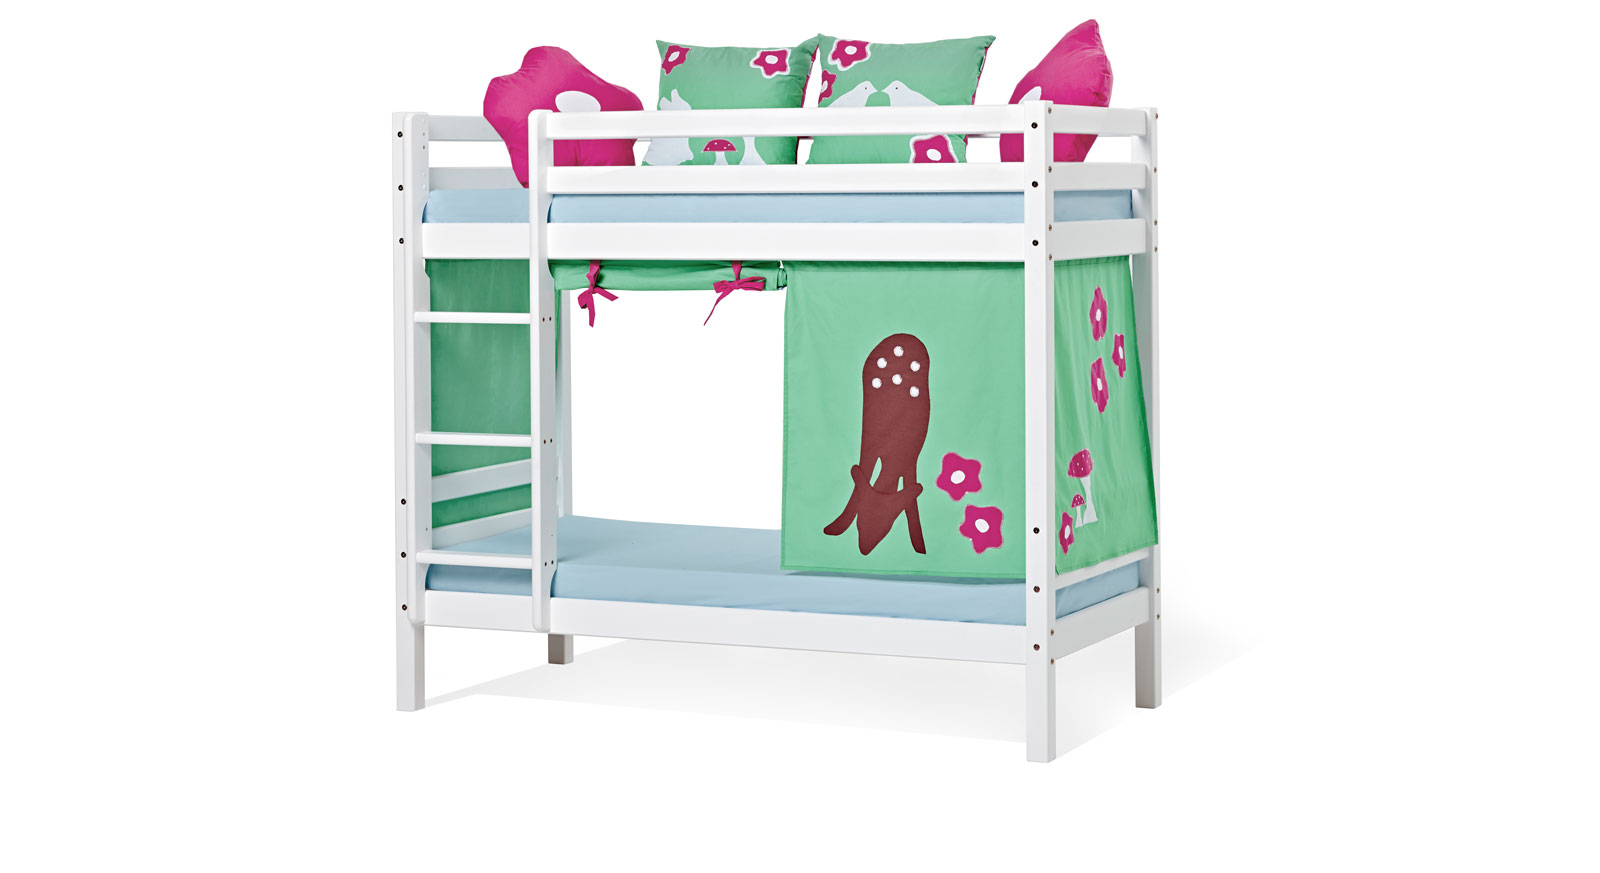 Modernes mittelhohes Etagenbett Kids Heaven mit gerader Leiter